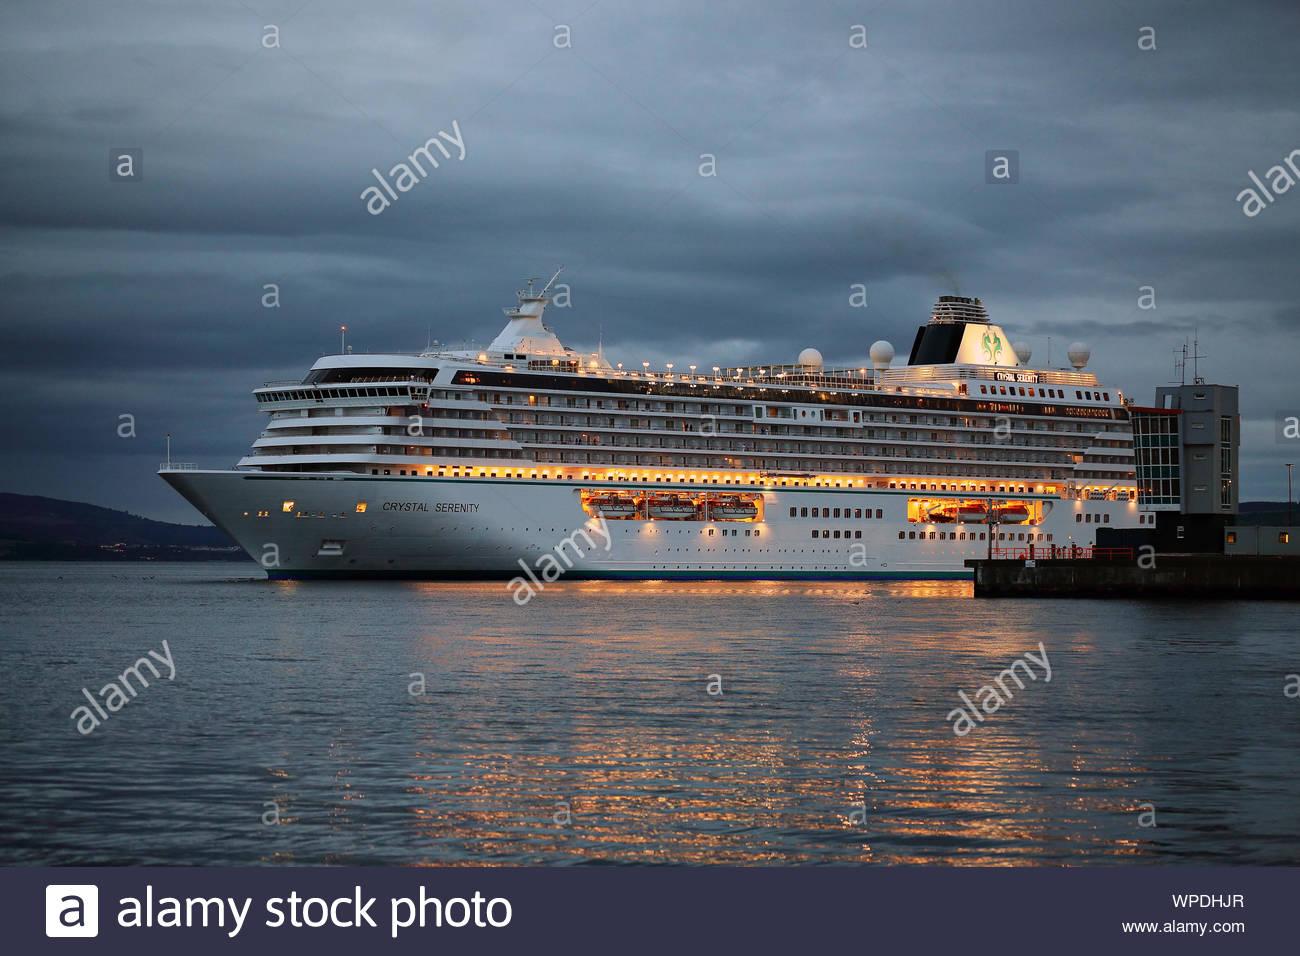 Crystal Serenity crucero Foto de stock